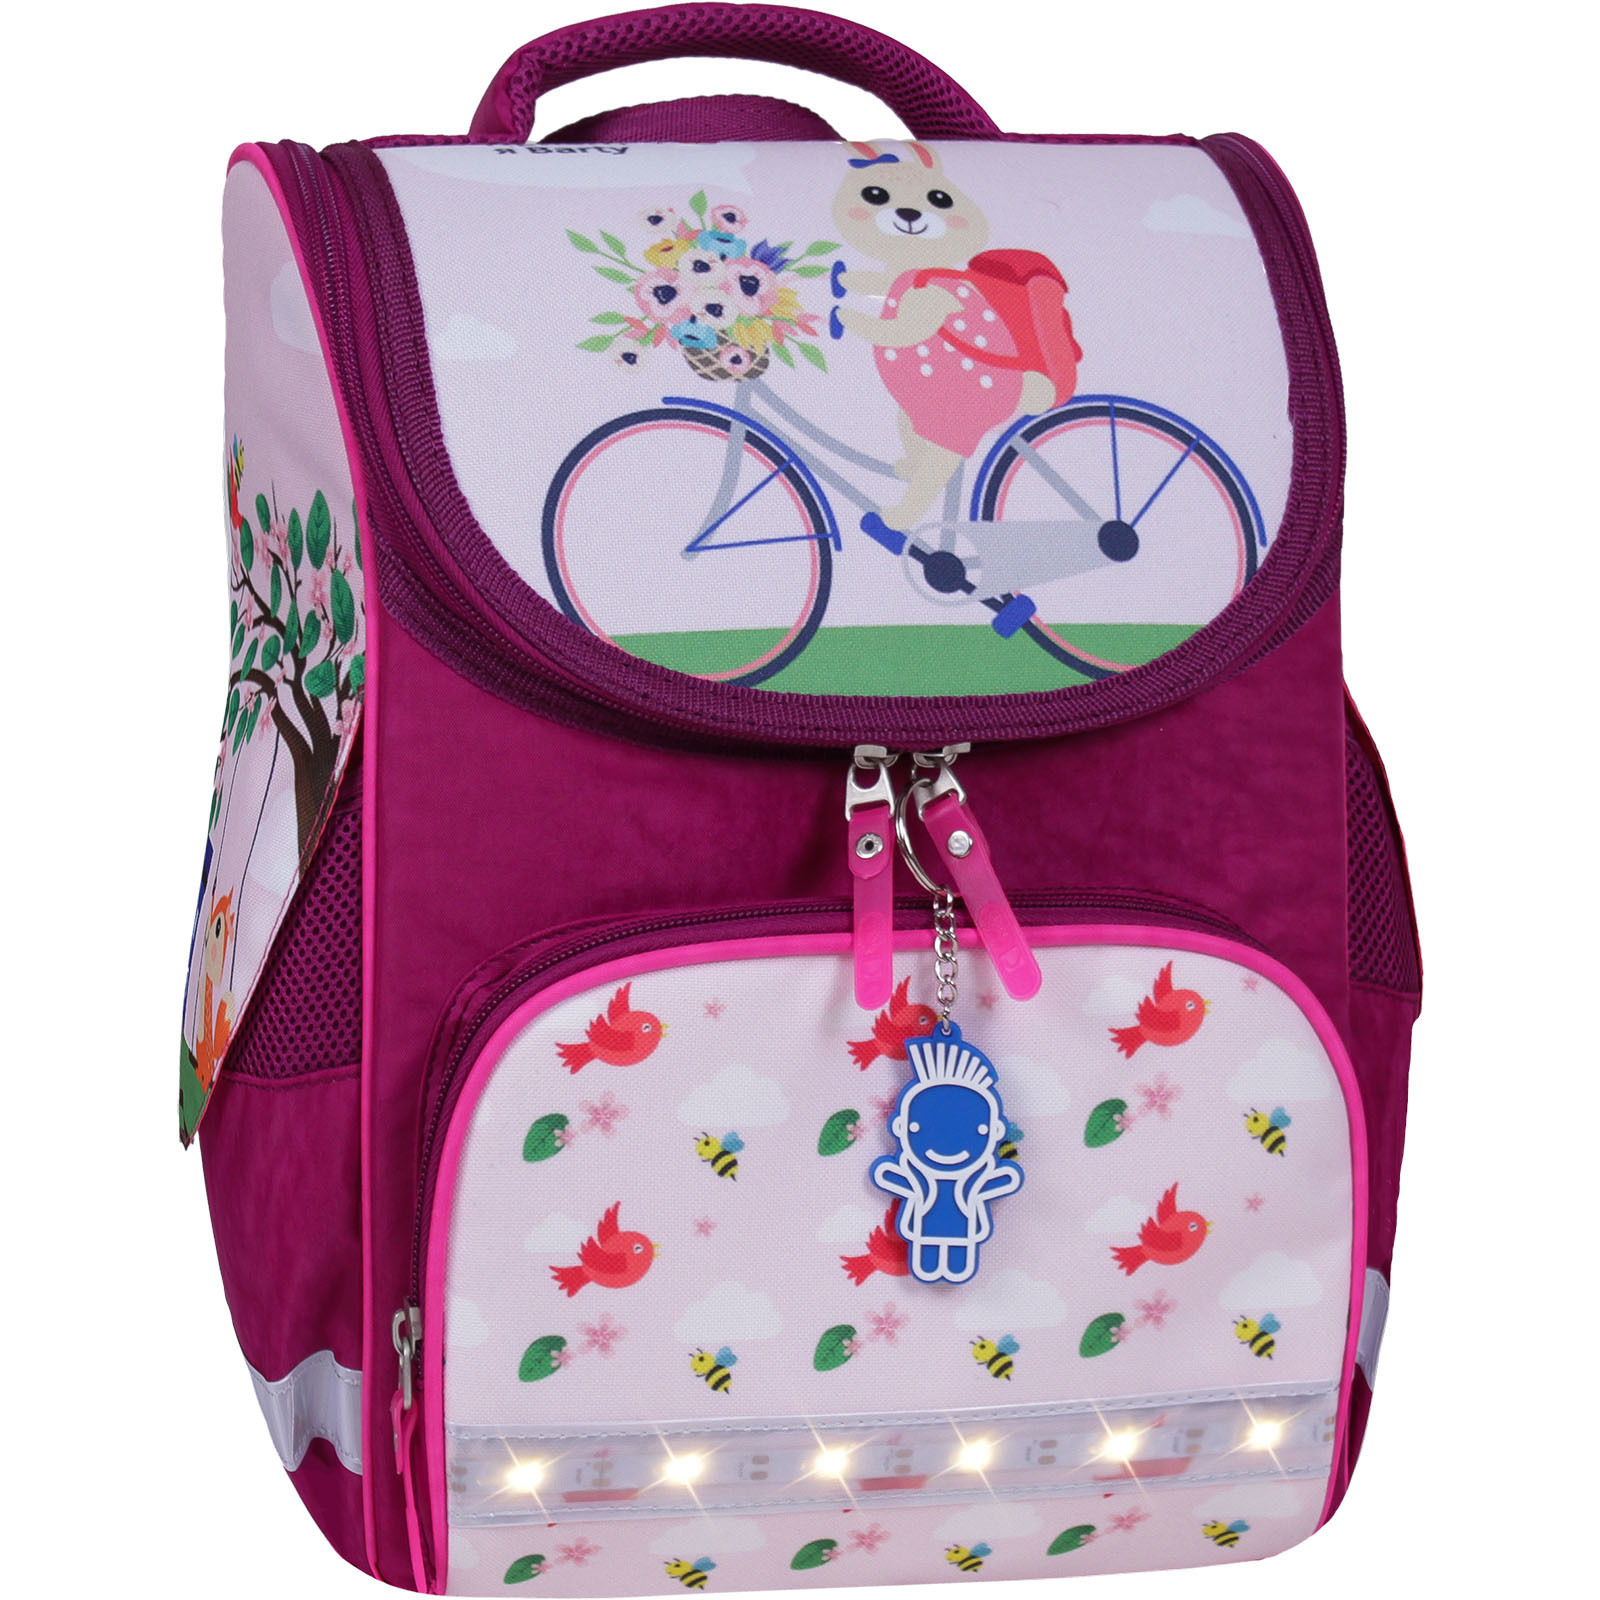 Школьные рюкзаки Рюкзак школьный каркасный с фонариками Bagland Успех 12 л. малиновый 430 (00551703) IMG_7405-1600.jpg